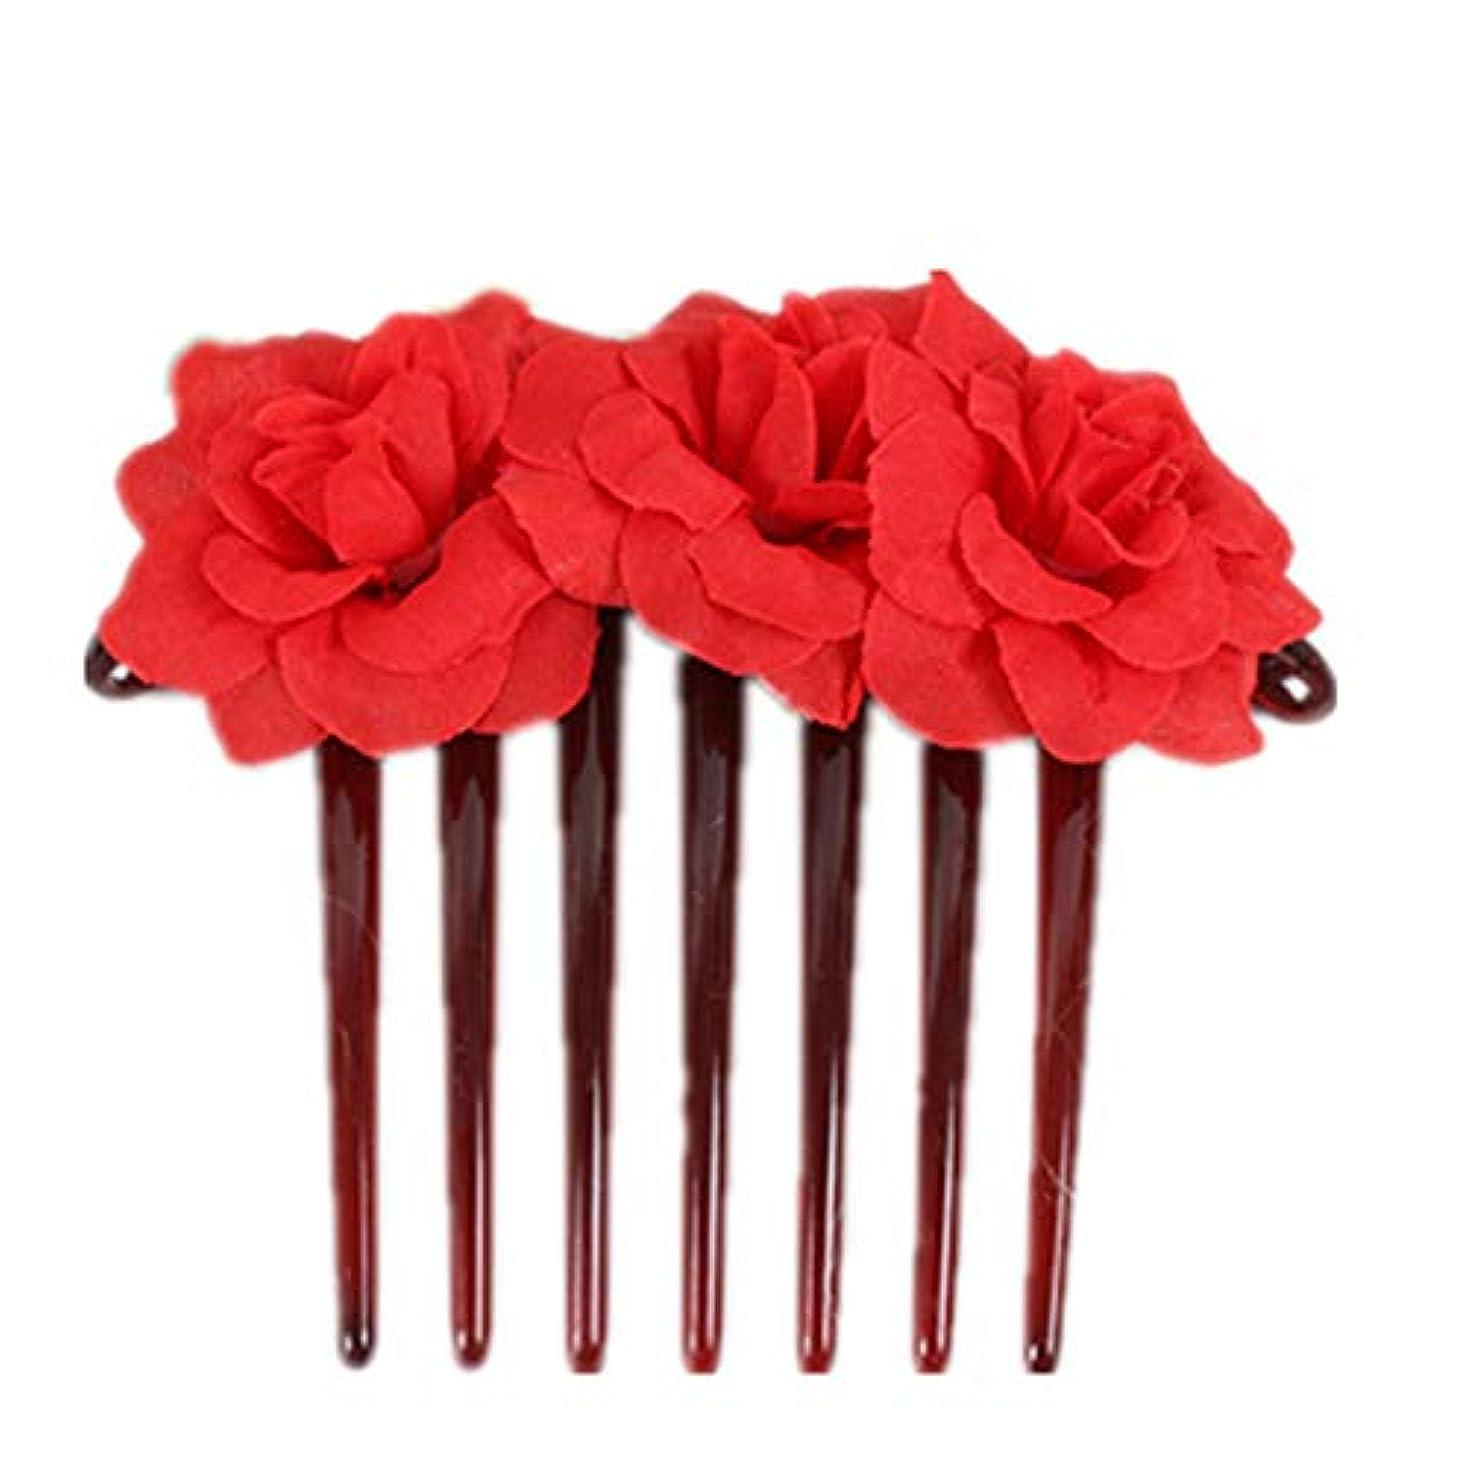 ナイロン改善するやりすぎ1st market プレミアム品質シミュレーション花花嫁の髪櫛頭飾りヘアピンクリップ櫛スタイリングアクセサリー、赤